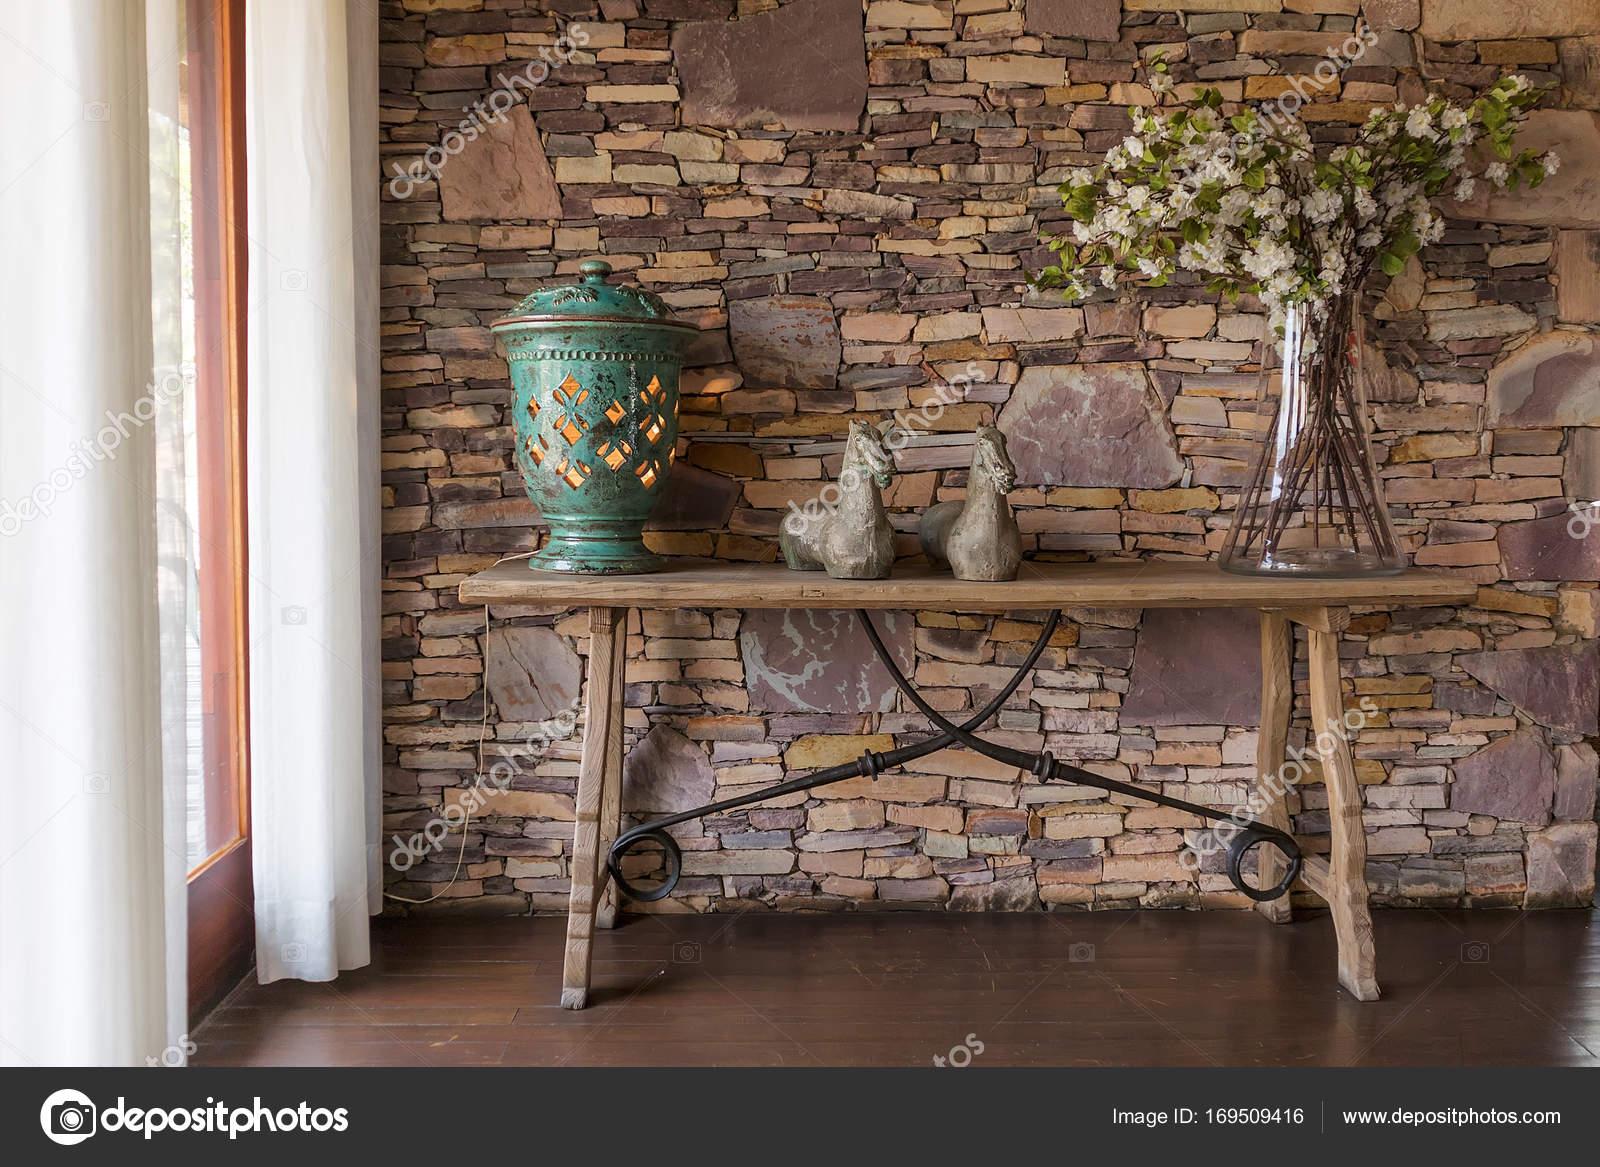 Woonkamer met decoratieve tabel, stenen muur achter — Stockfoto ...